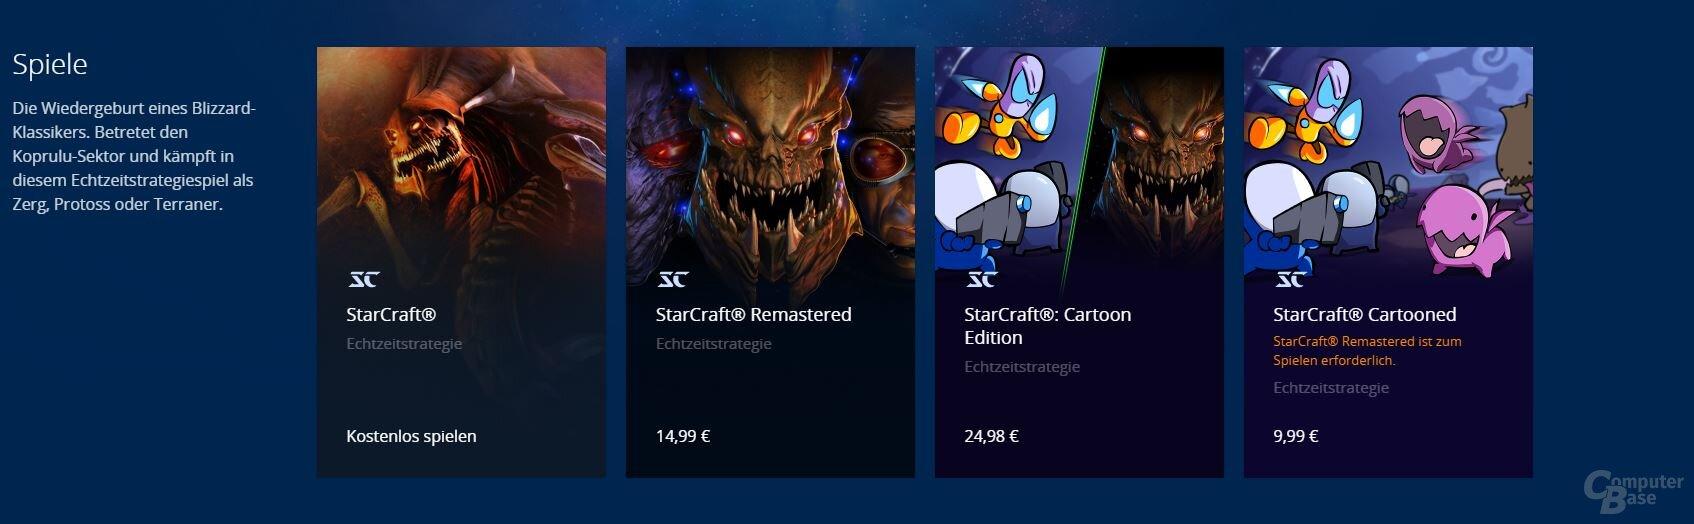 StarCraft: Preisübersicht